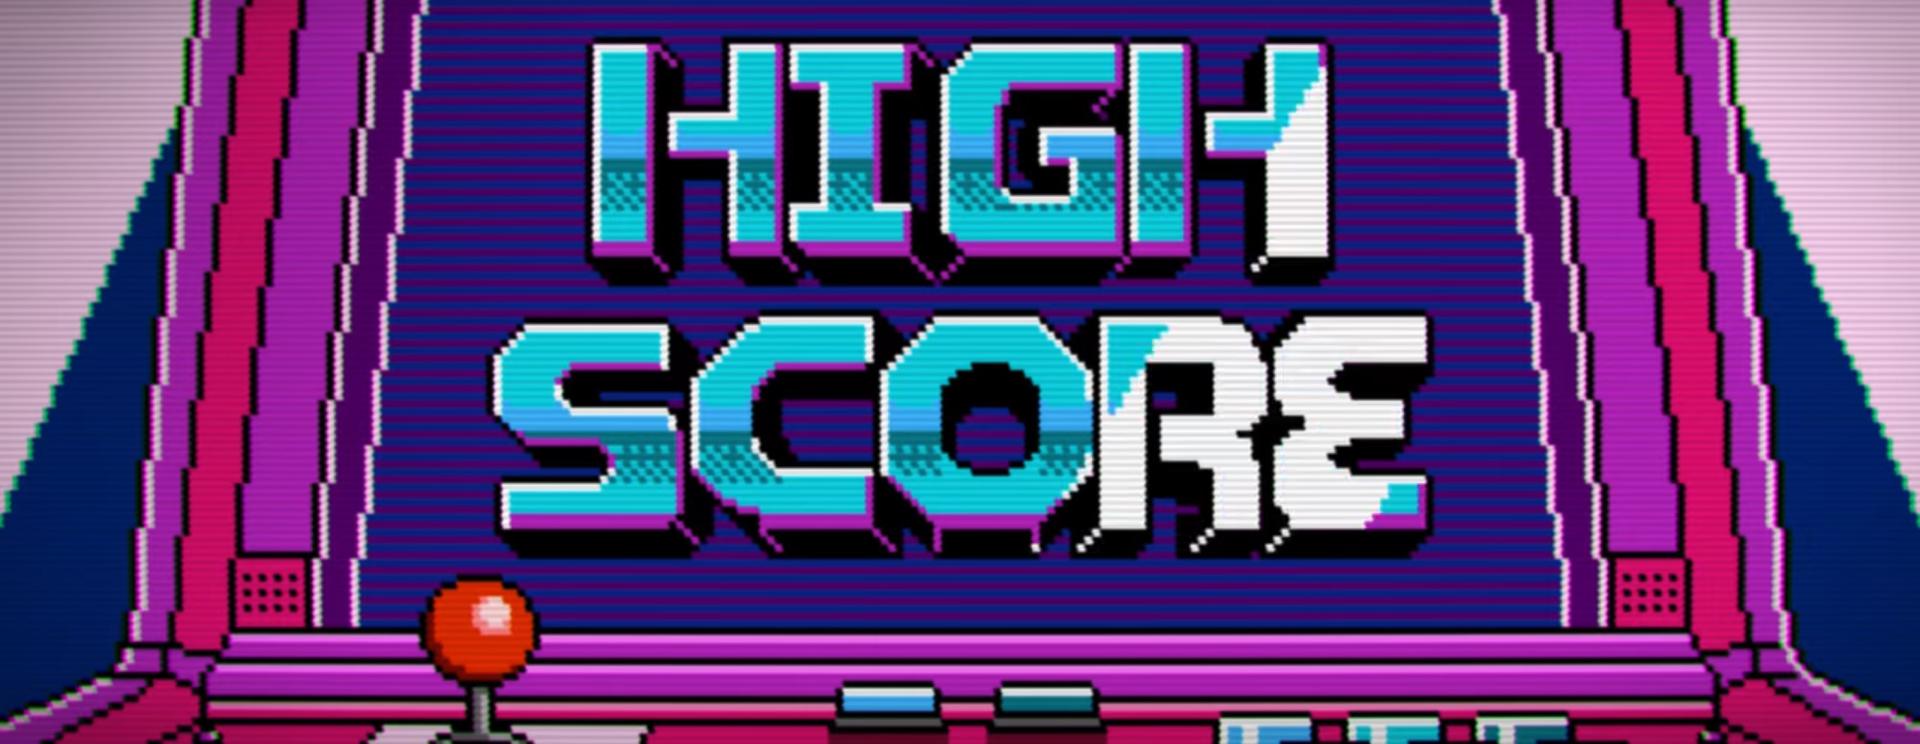 High Score. Image Credit: Netflix.